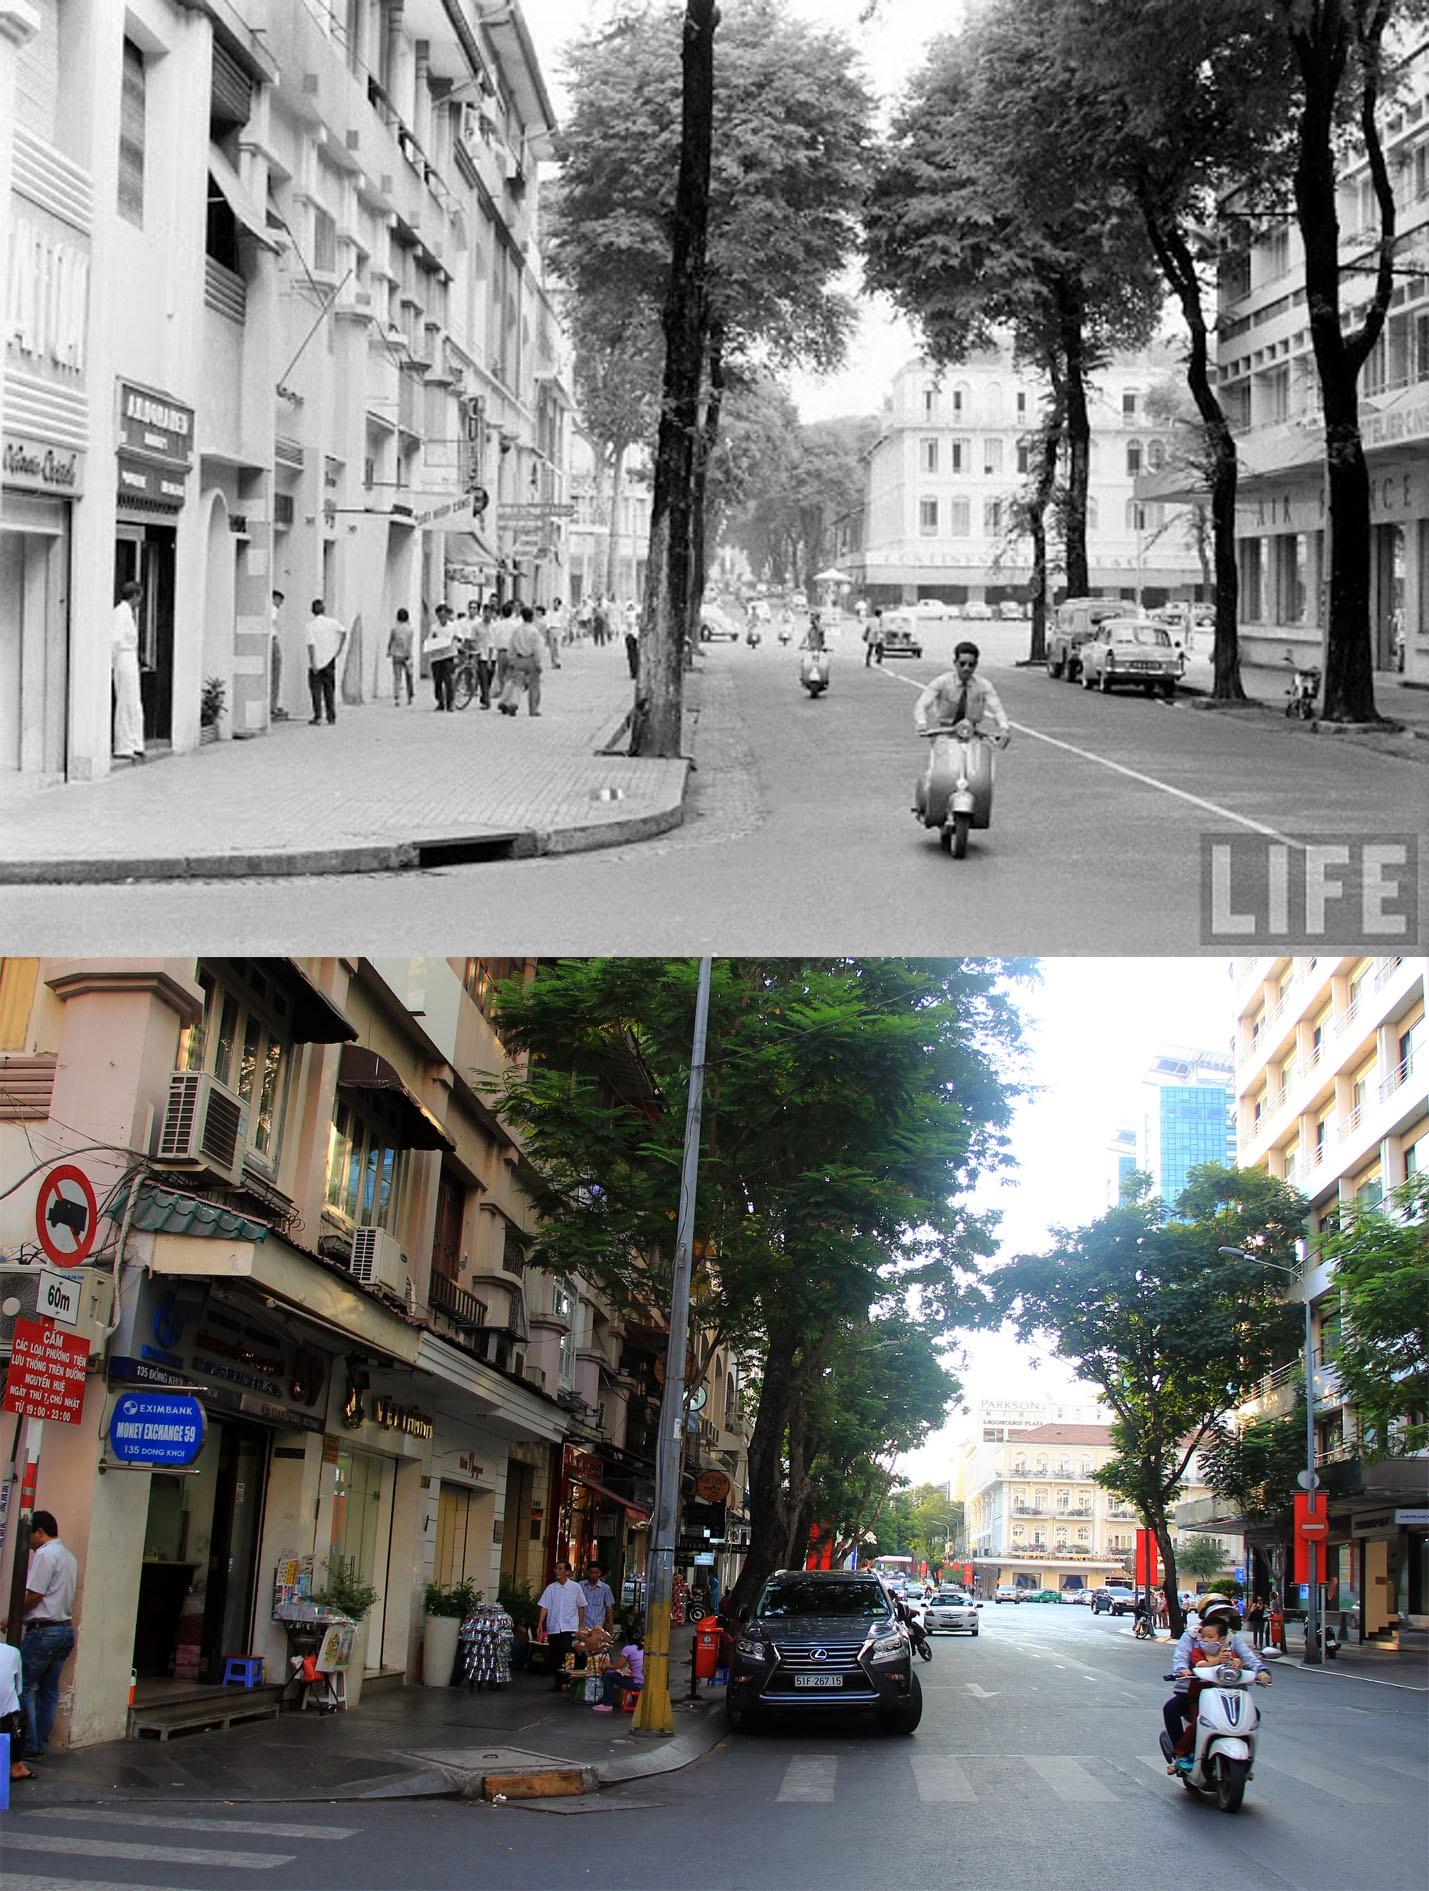 Đường Đồng Khởi hiện dài 630 mét, bắt đầu từ Công trường Công xã Paris, kết thúc tại vị trí giao cắt với đường Tôn Đức Thắng. Đây là 1 trong những con đường còn lưu lại một vài nét cổ xưa và riêng biệt của một đô thị Sài Gòn cổ kính, nhiều công trình có từ thời Pháp thuộc trên đường này vẫn còn tồn tại đến nay.